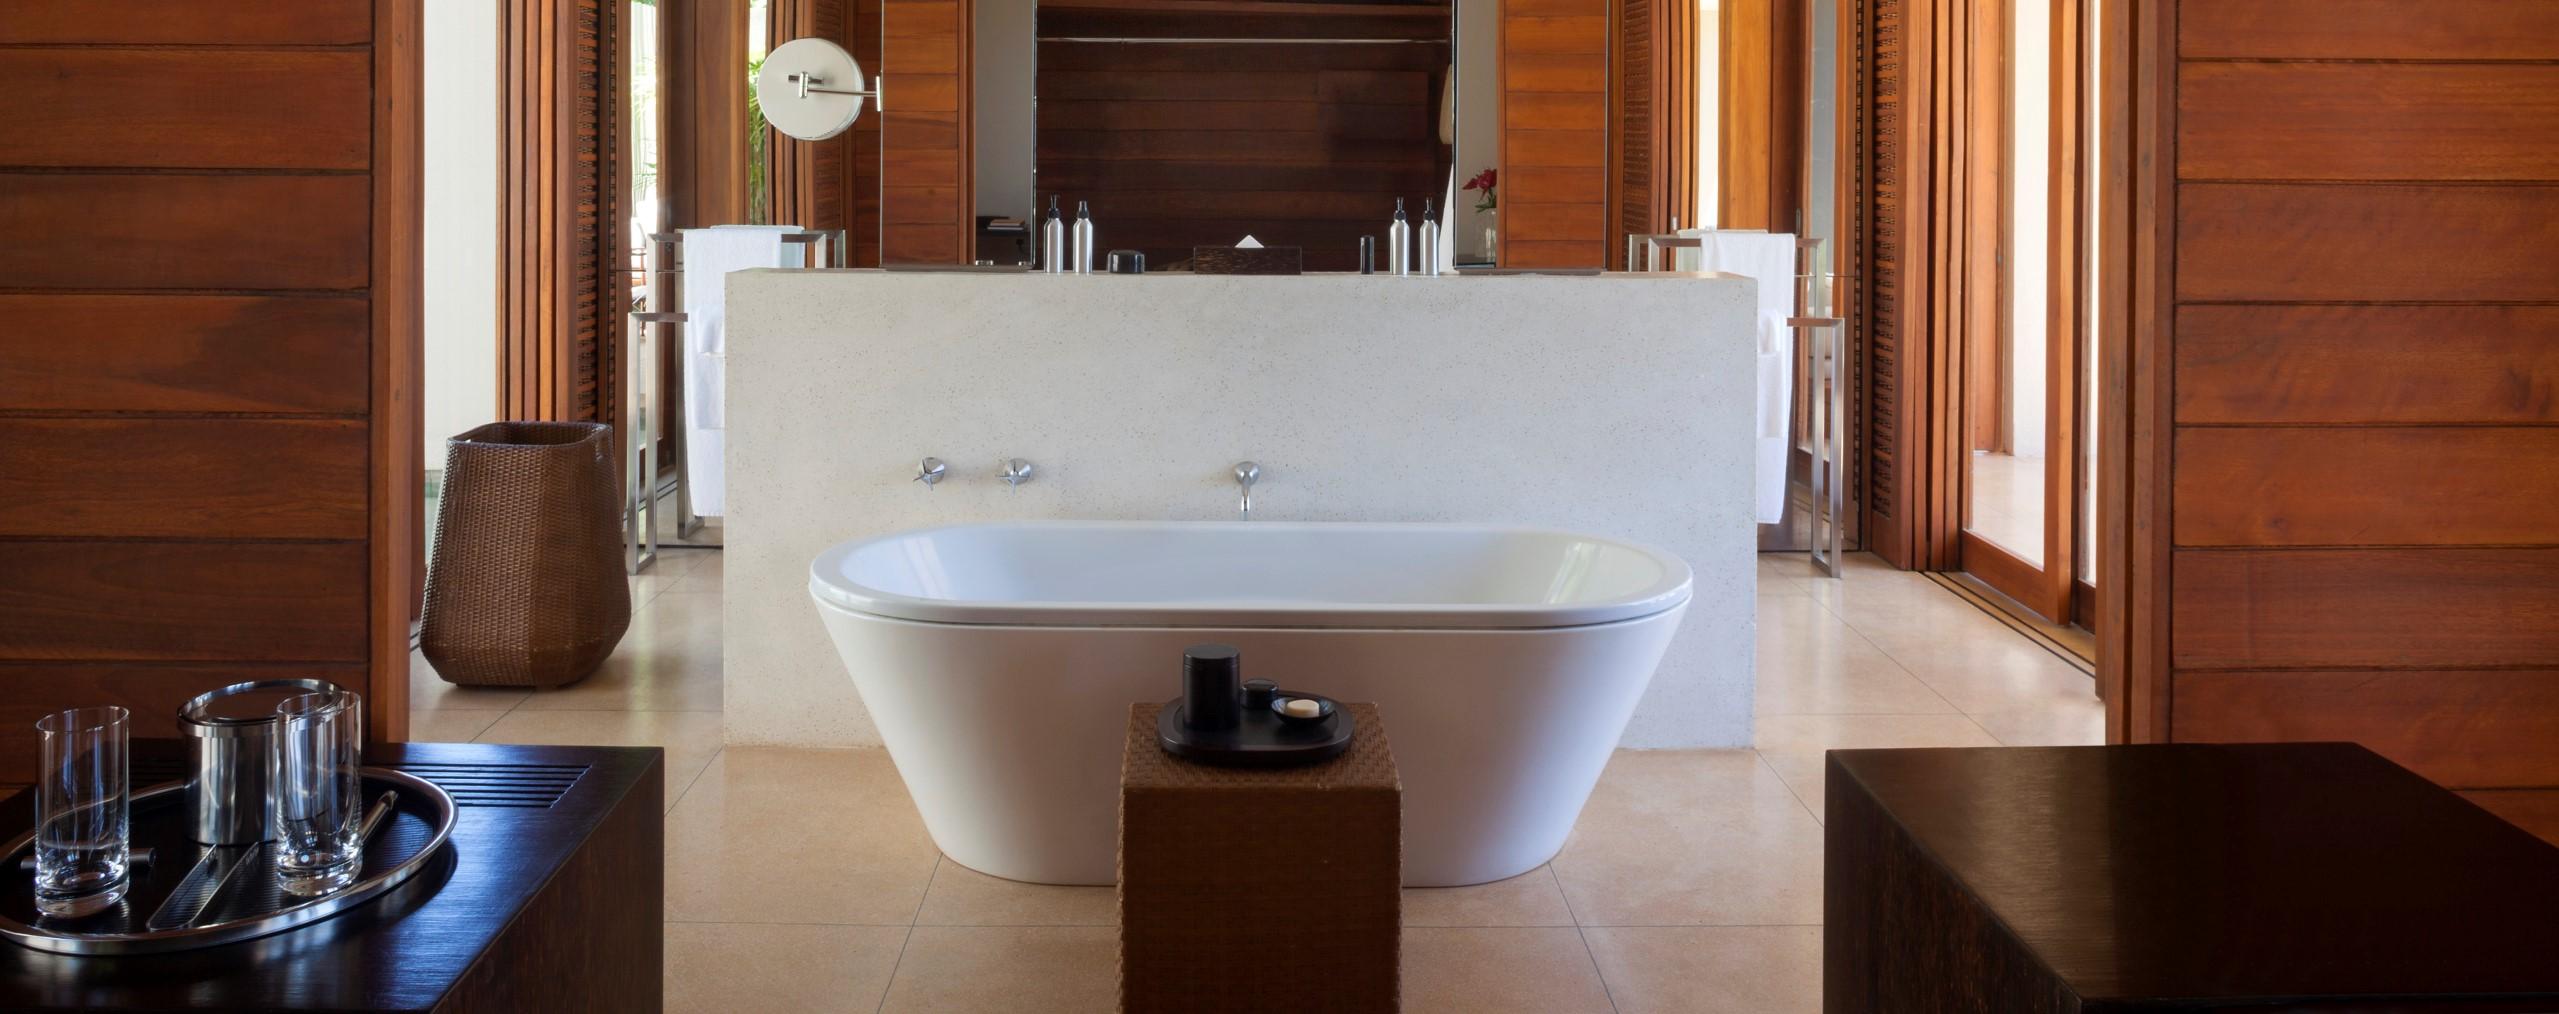 Amanwella-Sri-Lanka-Suite-Bathroom